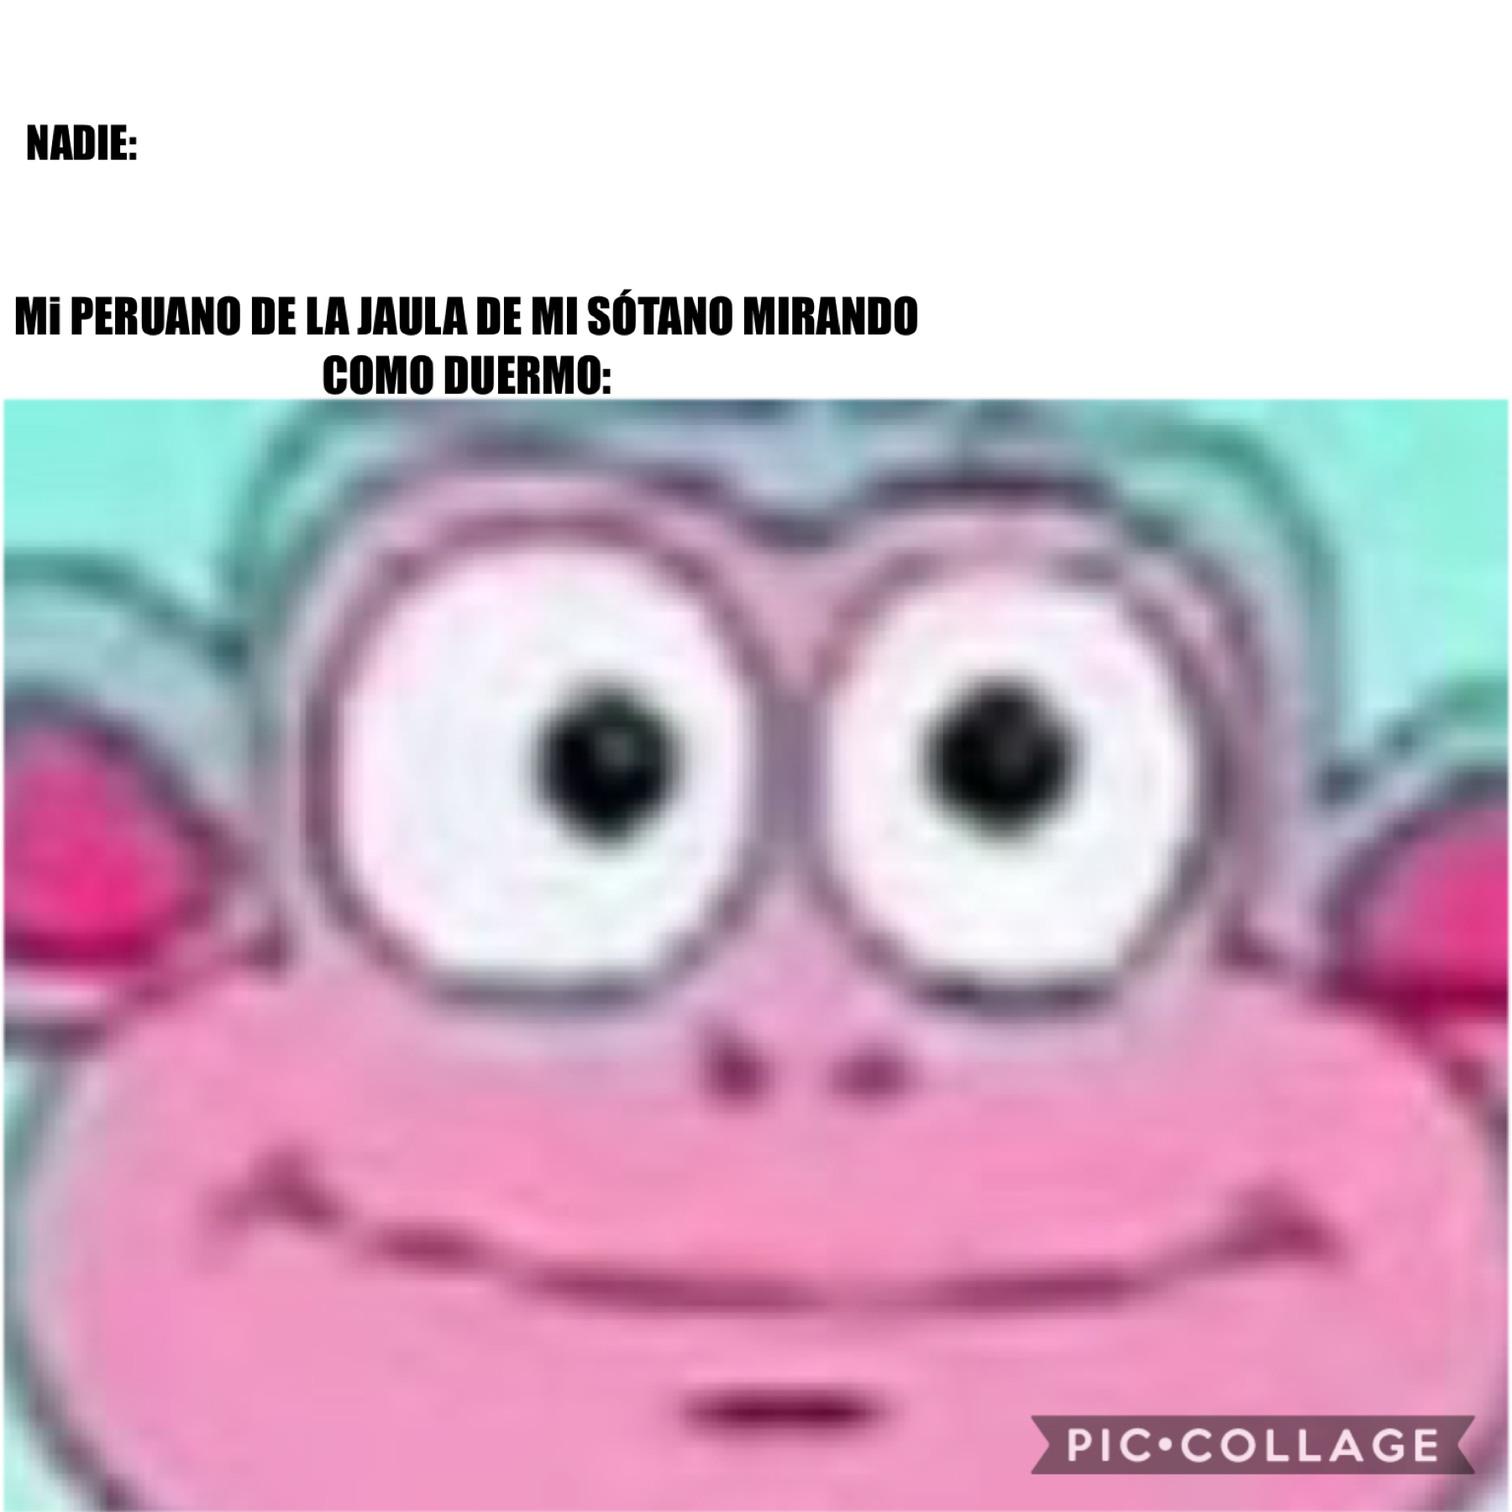 Que miedo los peruanos [Susto] - meme